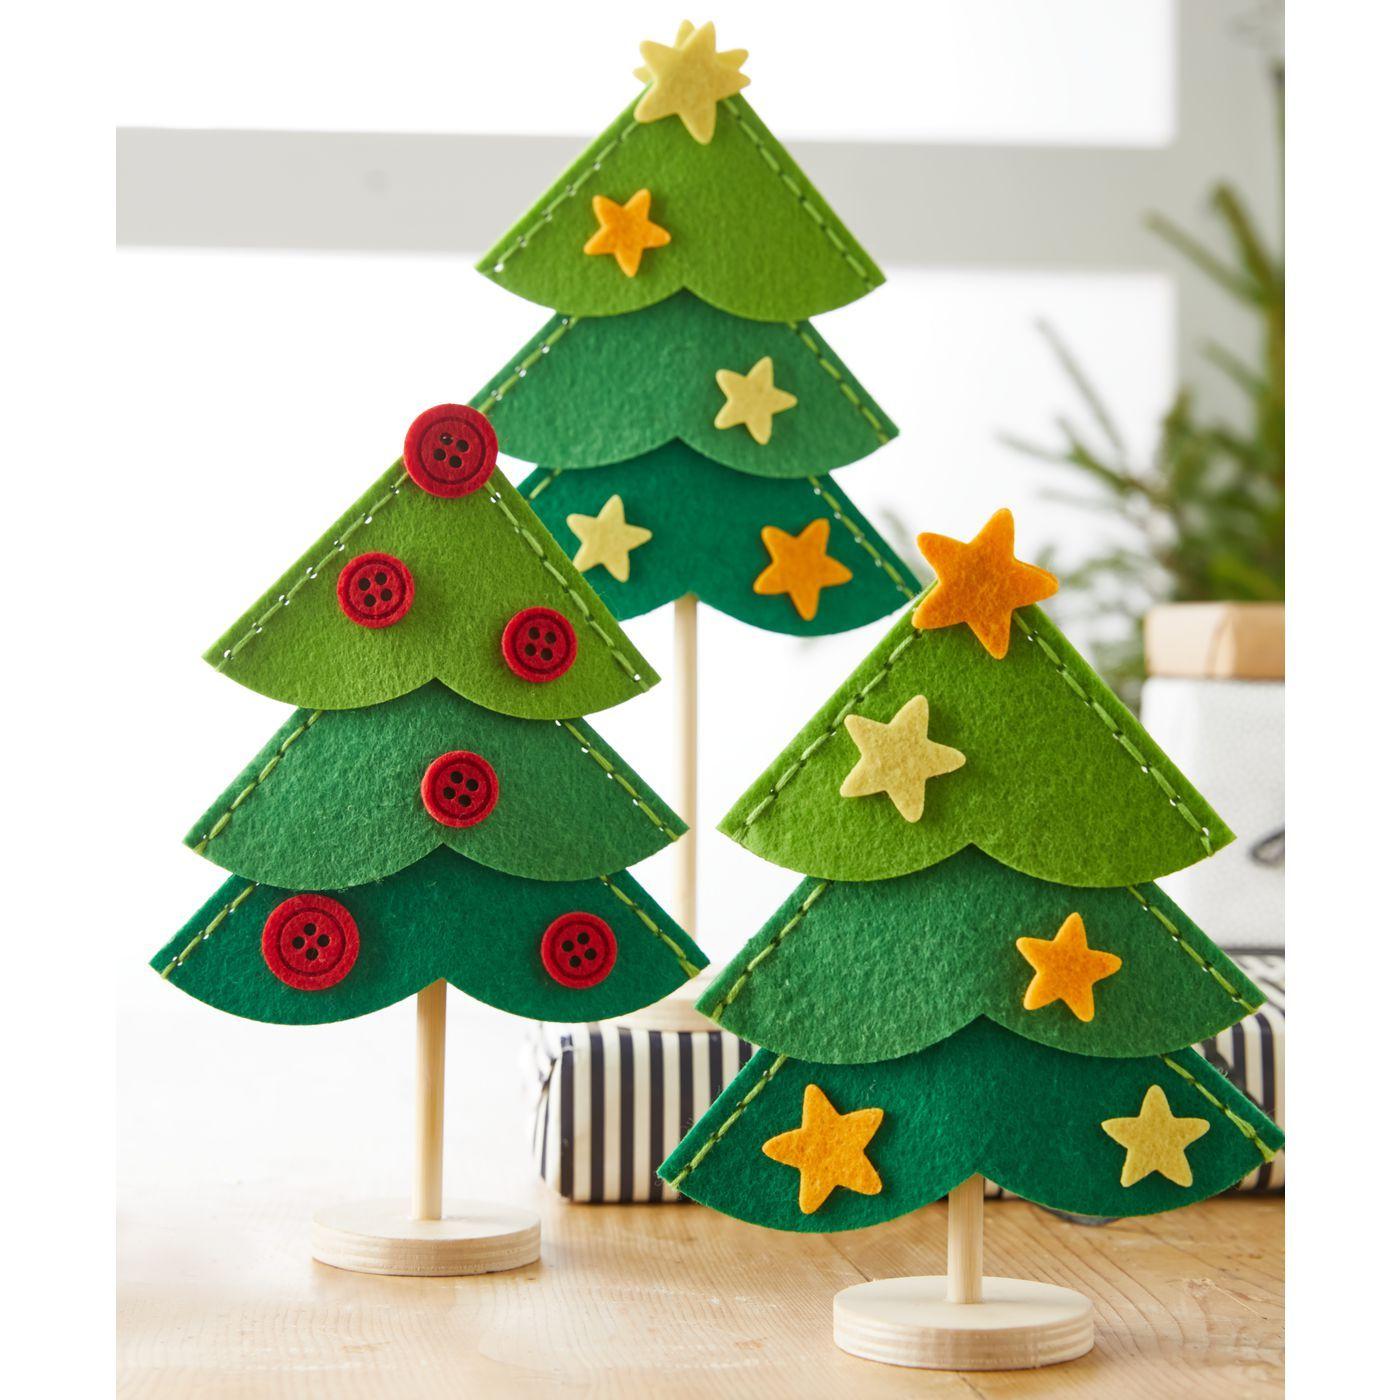 Einzigartig Weihnachtsbaumschmuck Mit Kindern Basteln Design